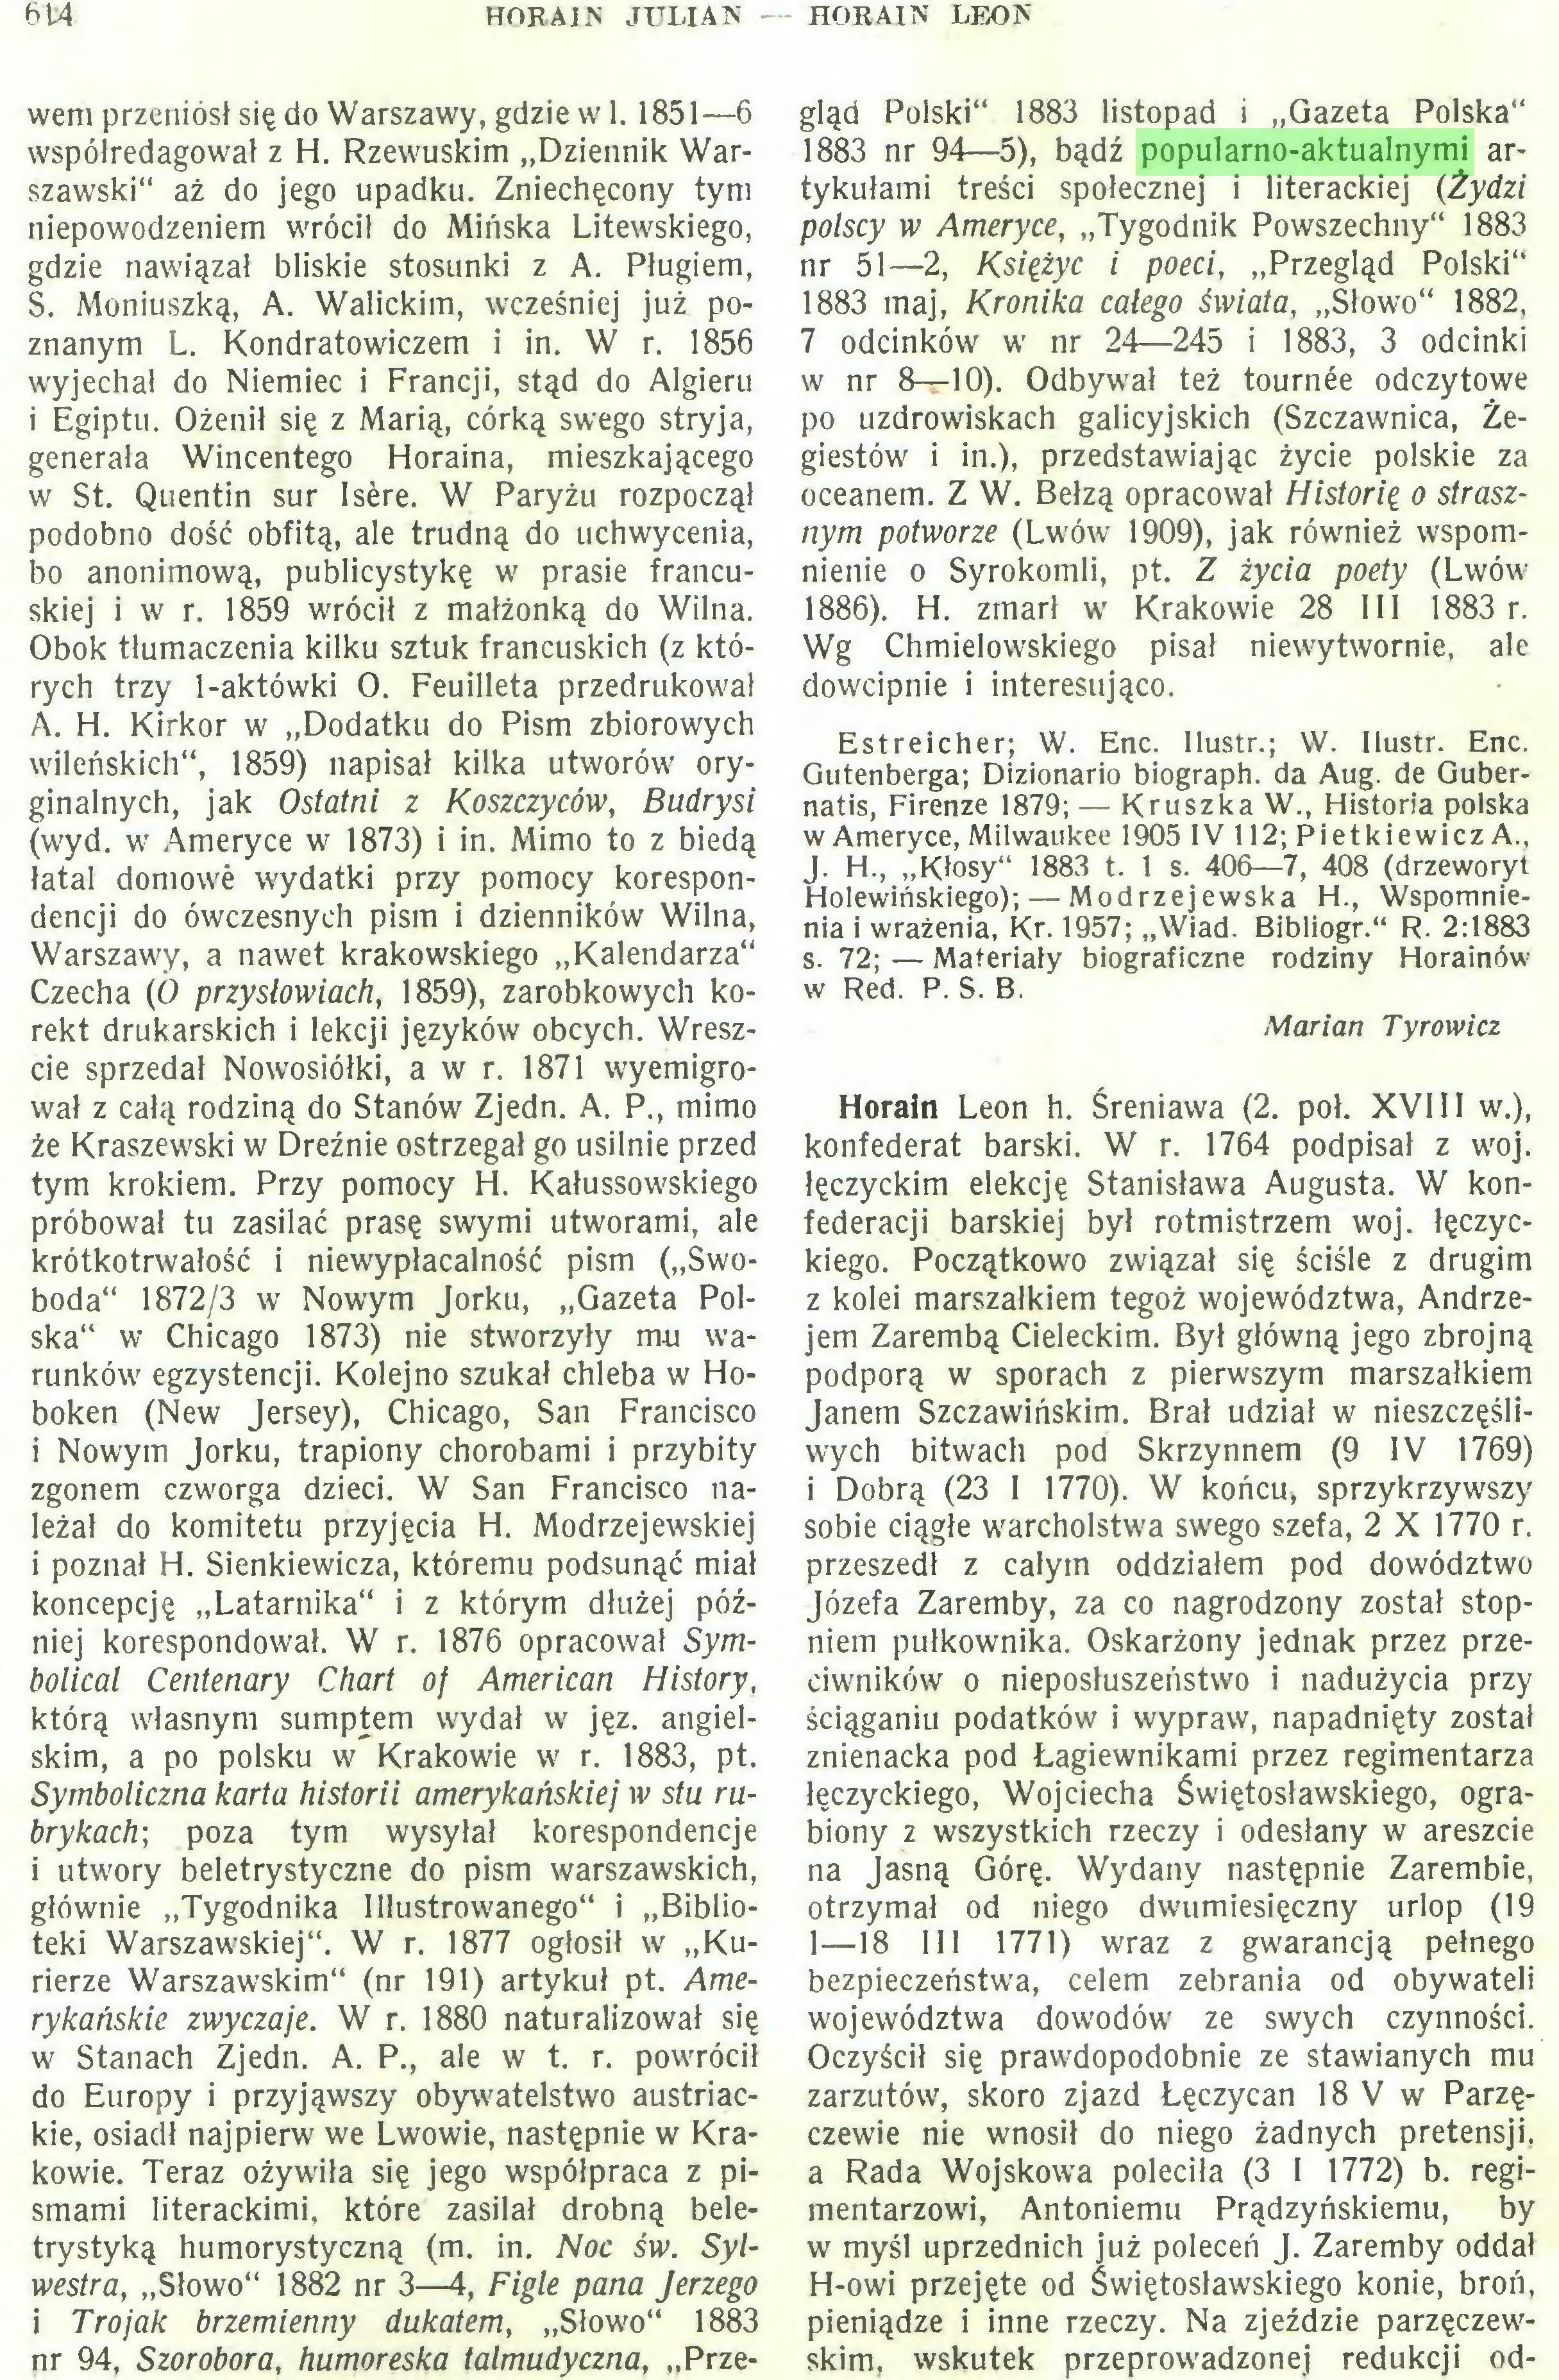 """(...) trystyką humorystyczną (m. in. Noc św. Sylwestra, """"Słowo"""" 1882 nr 3—4, Figle pana Jerzego i Trojak brzemienny dukatem, """"Słowo"""" 1883 nr 94, Szorobora, humoreska talmudyczna, """"Prze¬ HORAIN LEON gląd Polski"""" 1883 listopad i """"Gazeta Polska"""" 1883 nr 94—5), bądź popularno-aktualnymi artykułami treści społecznej i literackiej {Żydzi polscy w Ameryce, """"Tygodnik Powszechny"""" 1883 nr 51—2, Księżyc i poeci, """"Przegląd Polski"""" 1883 maj, Kronika całego świata, """"Słowo"""" 1882, 7 odcinków w nr 24—245 i 1883, 3 odcinki w nr 8—10). Odbywał też tournée odczytowe..."""